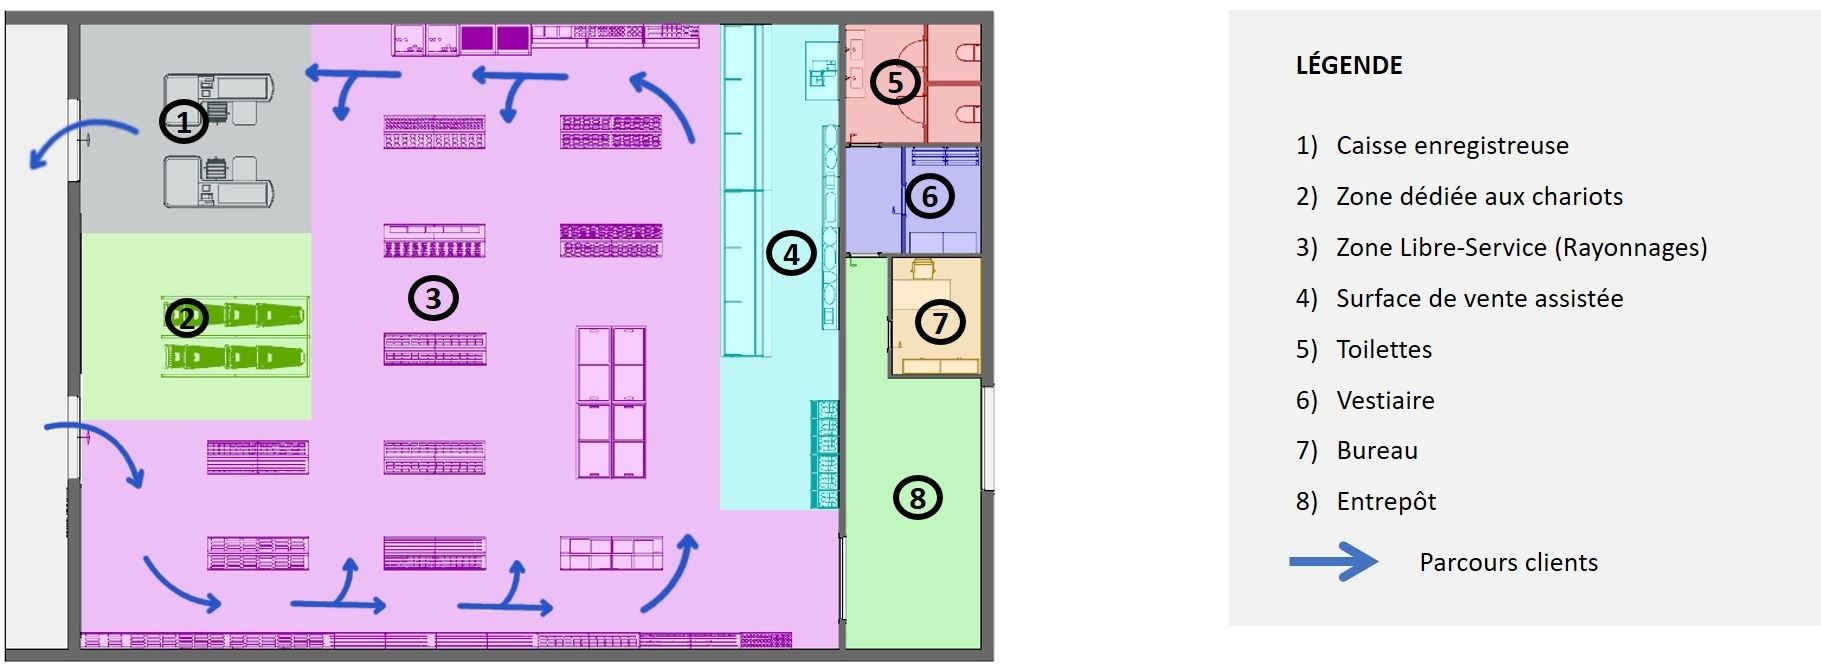 projet d'un supermarché - schéma fonctionnel réalisé avec logiciel de conception architecturale BIM